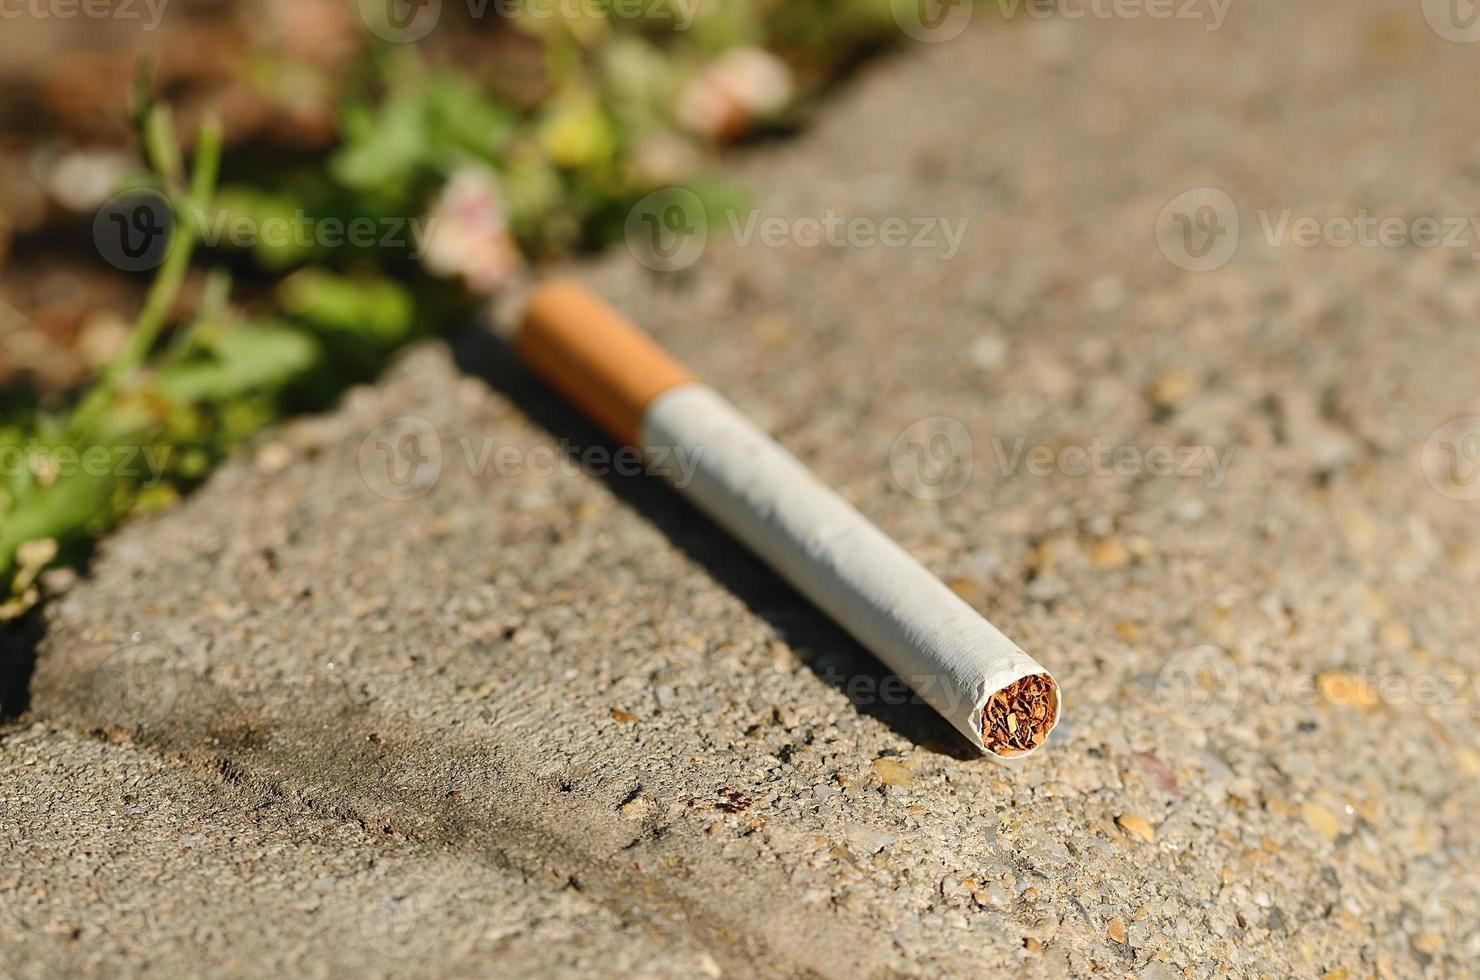 sigaretta sull'asfalto foto